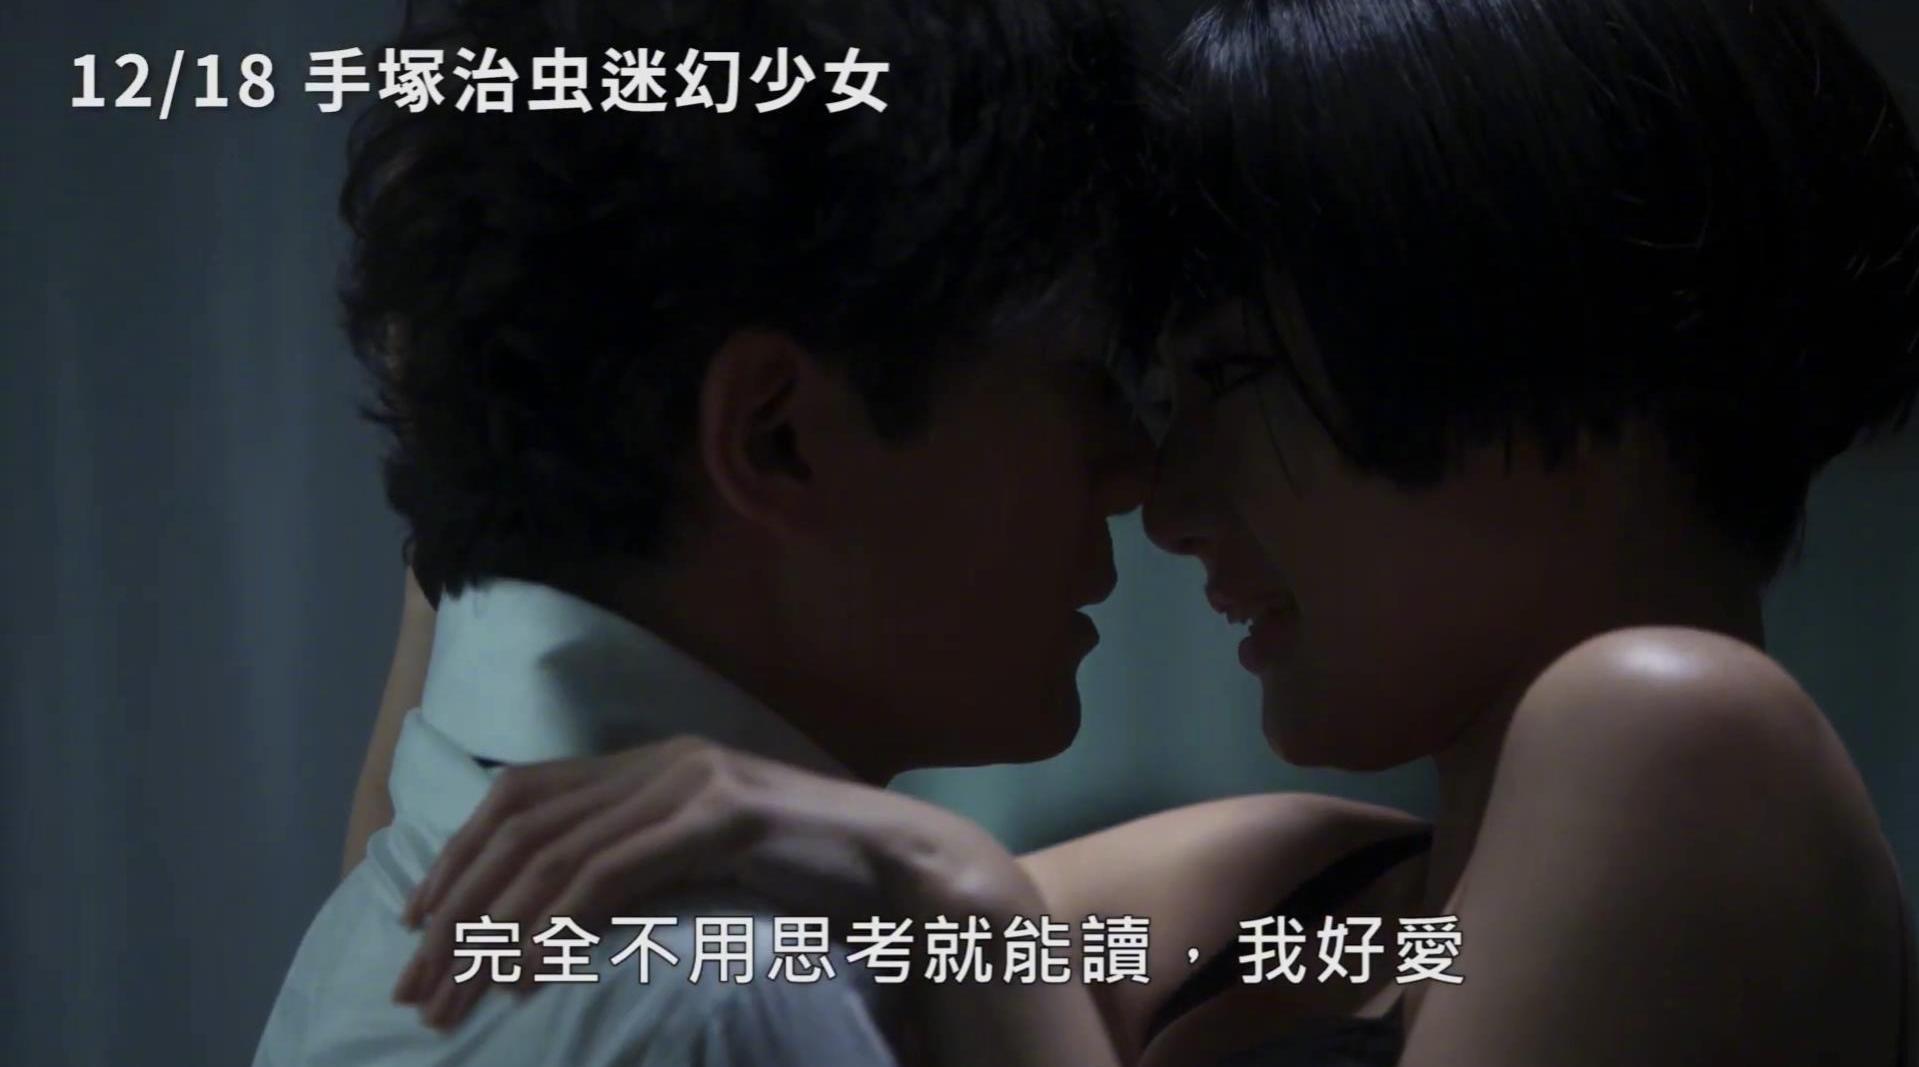 《手塚治虫迷幻少女》官方中文版预告片点评